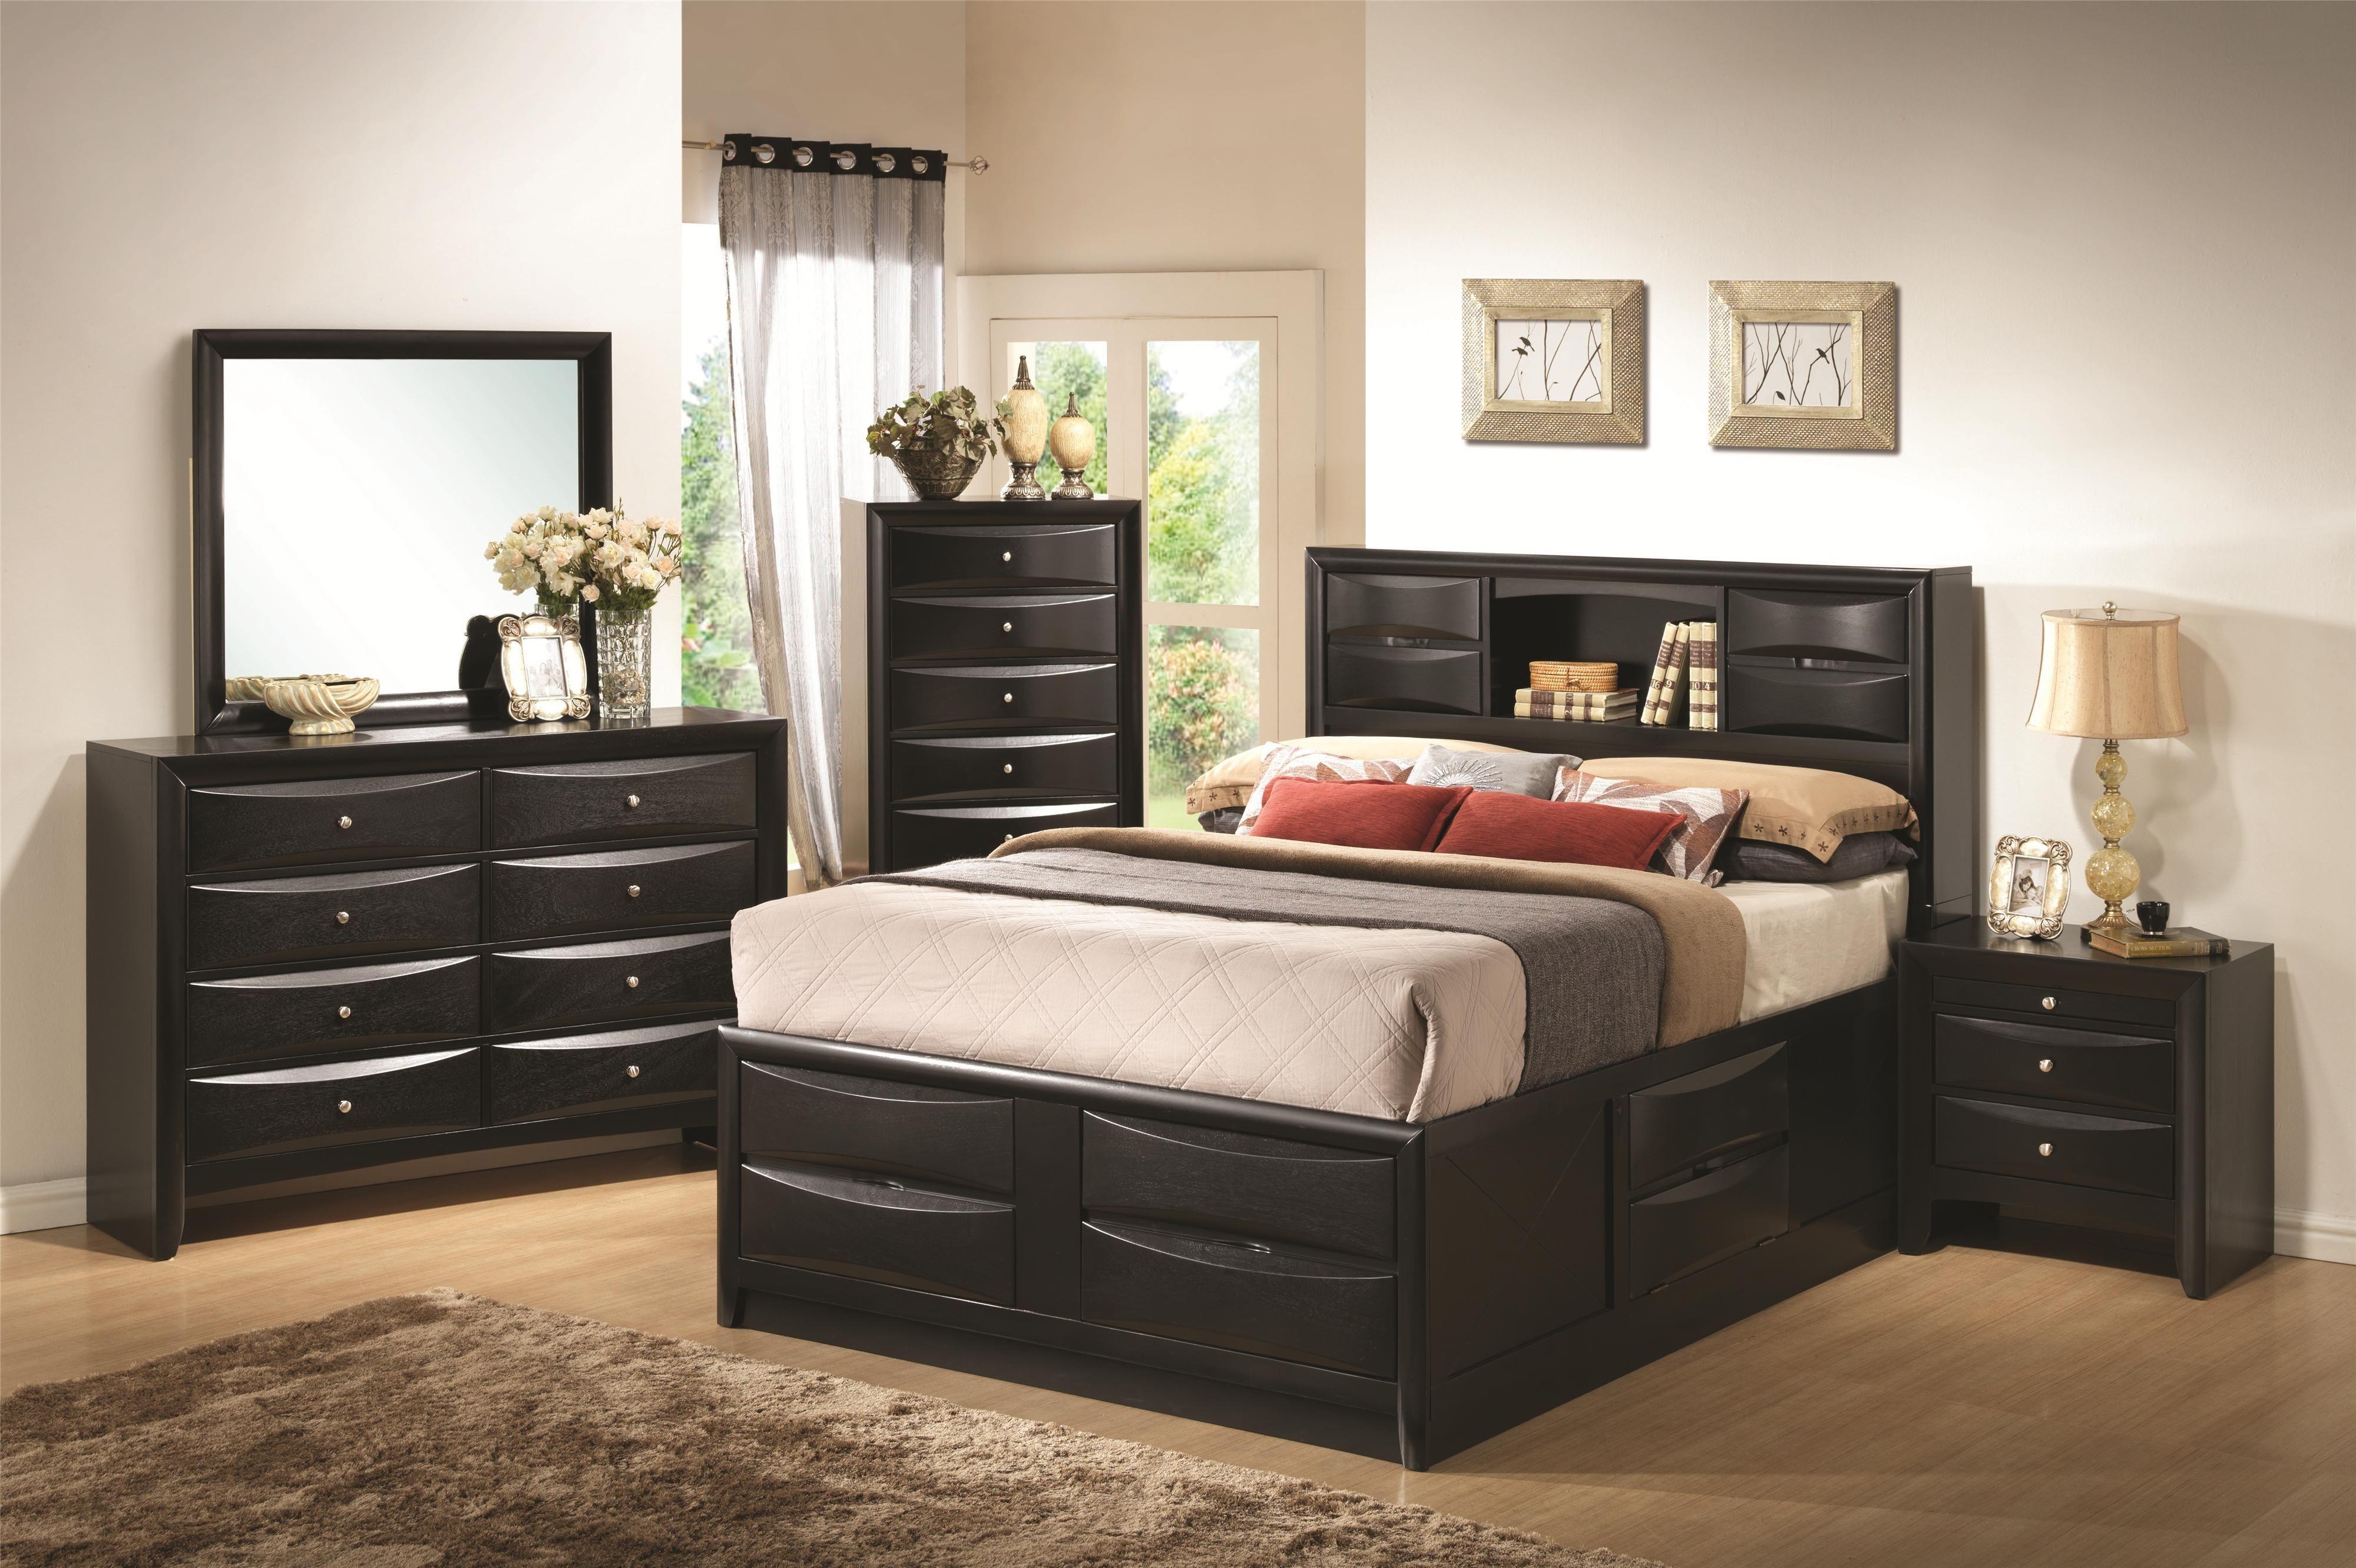 Drawer Sets Bedroom Coaster Briana 8 Dresser Fine Furniture Coasterfurniture